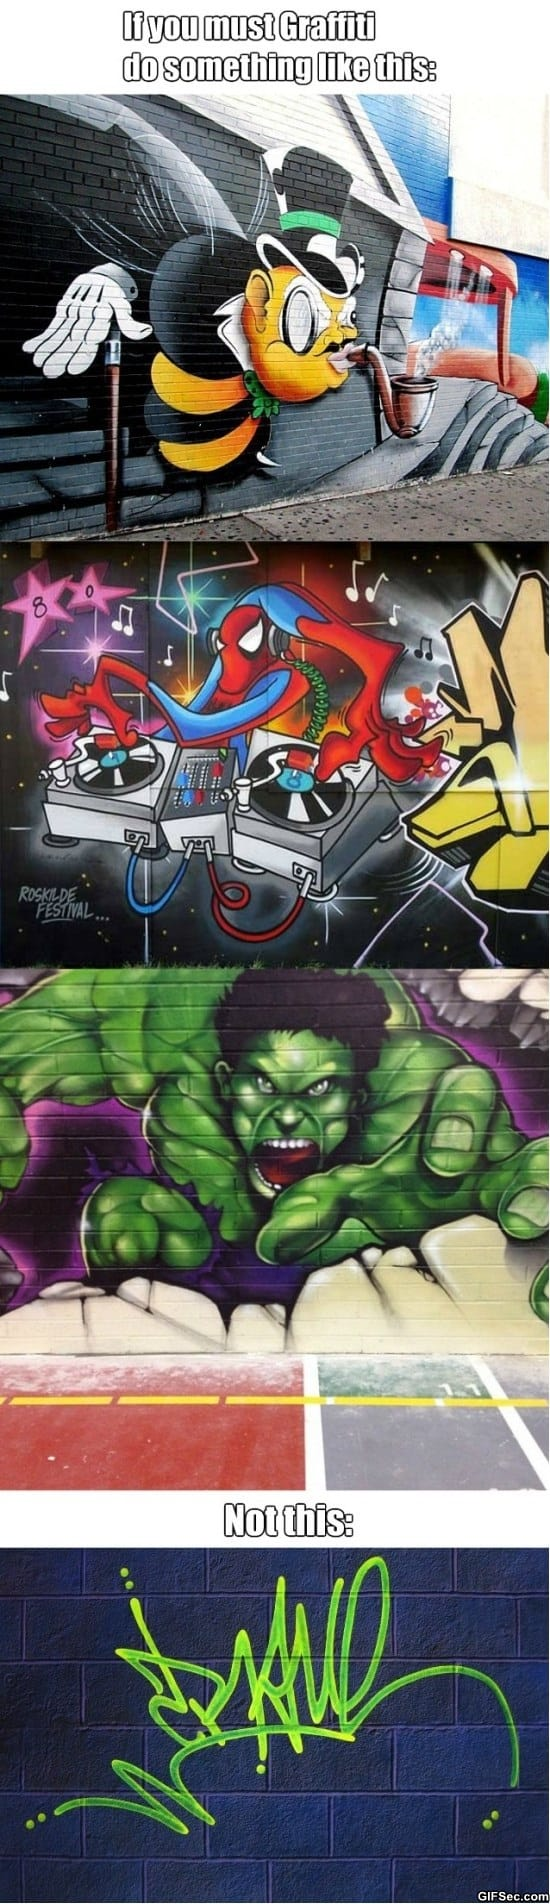 funny-gifs-awesome-graffiti